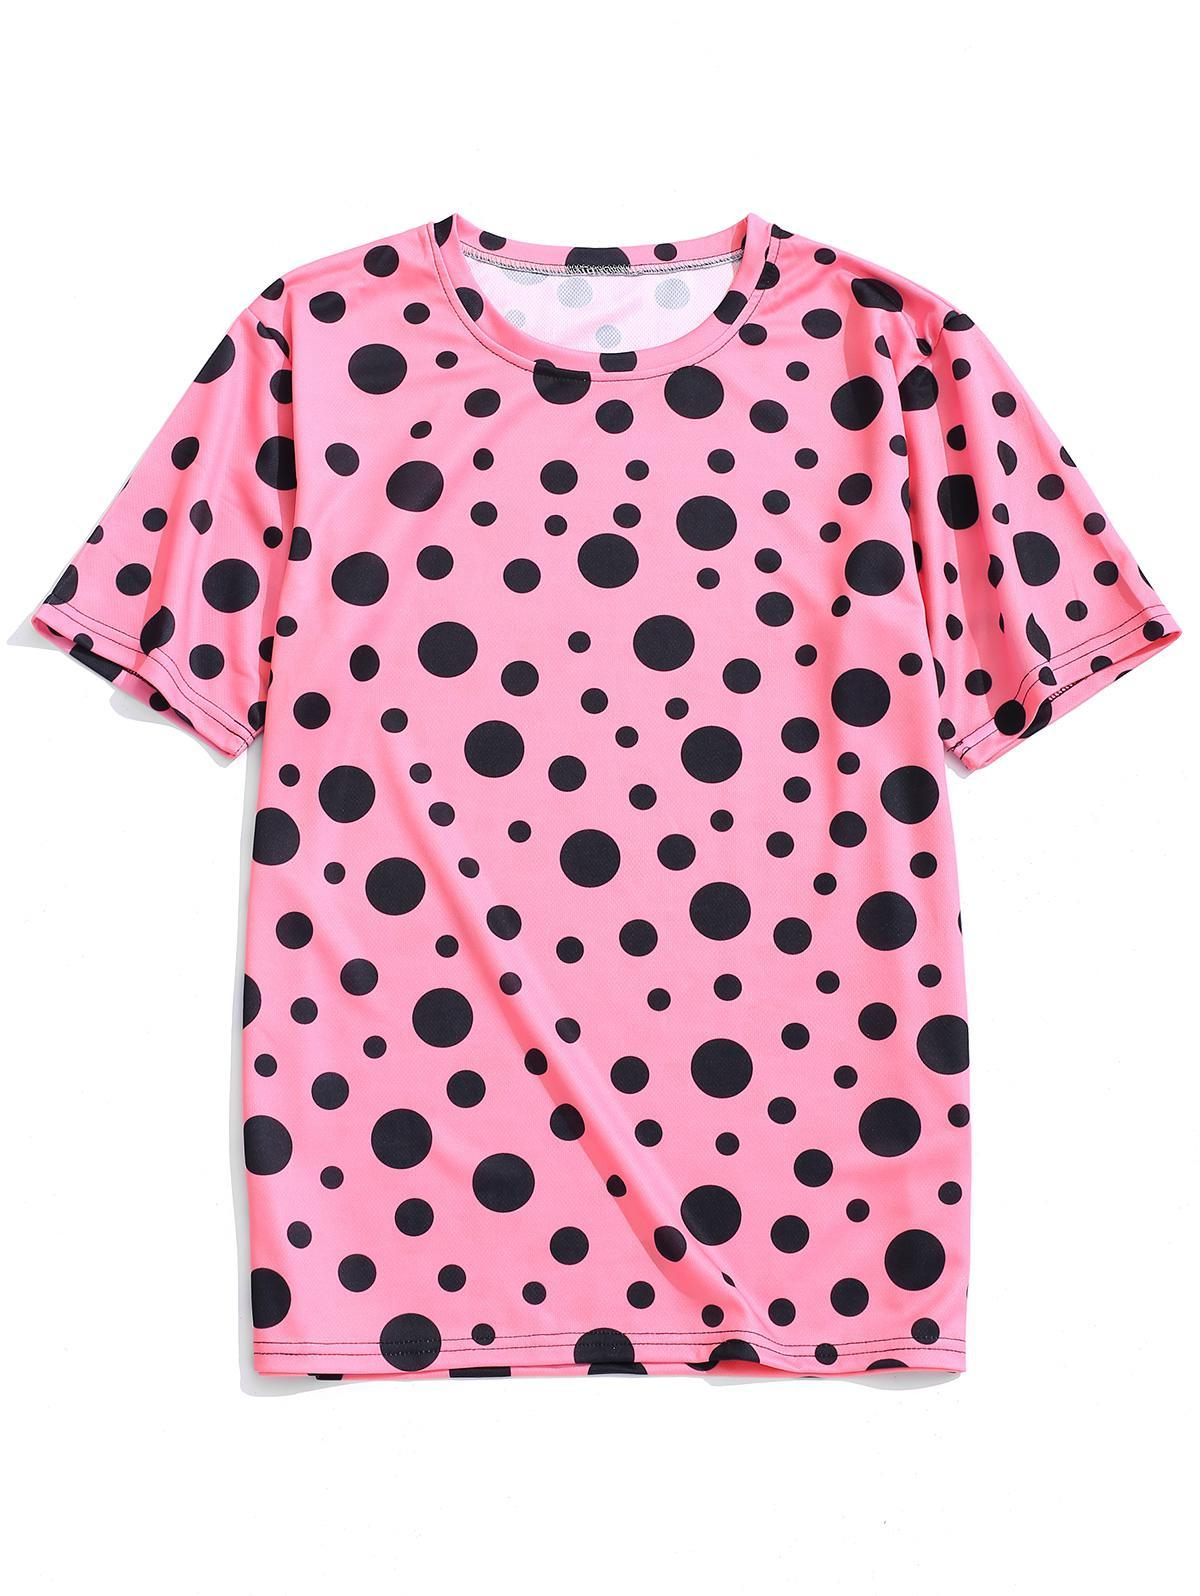 Polka Dots Print Short Sleeves T-shirt, Pig pink